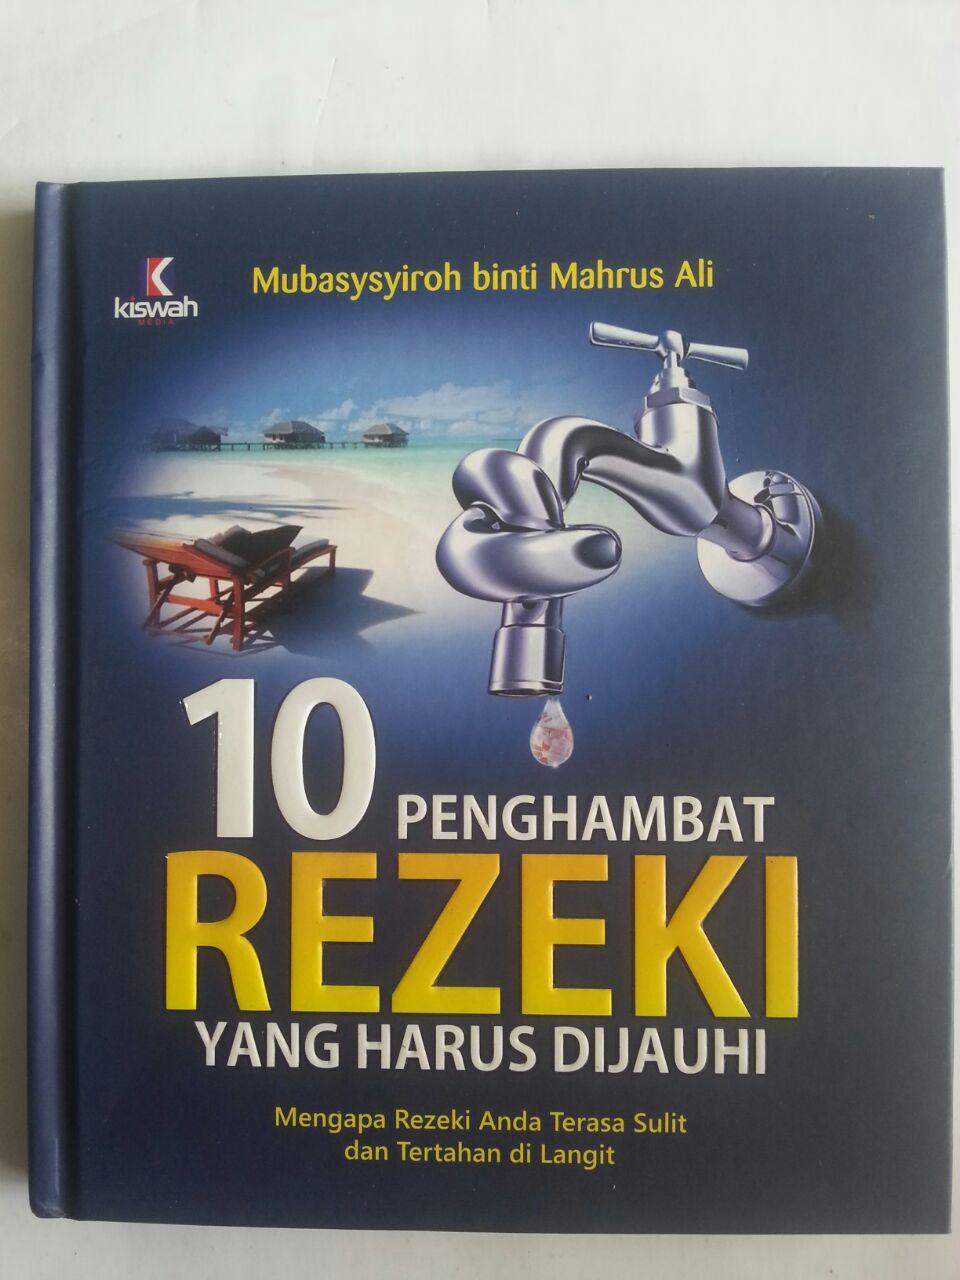 Buku 10 Penghambat Rezeki Yang Harus Dijauhi cover 2